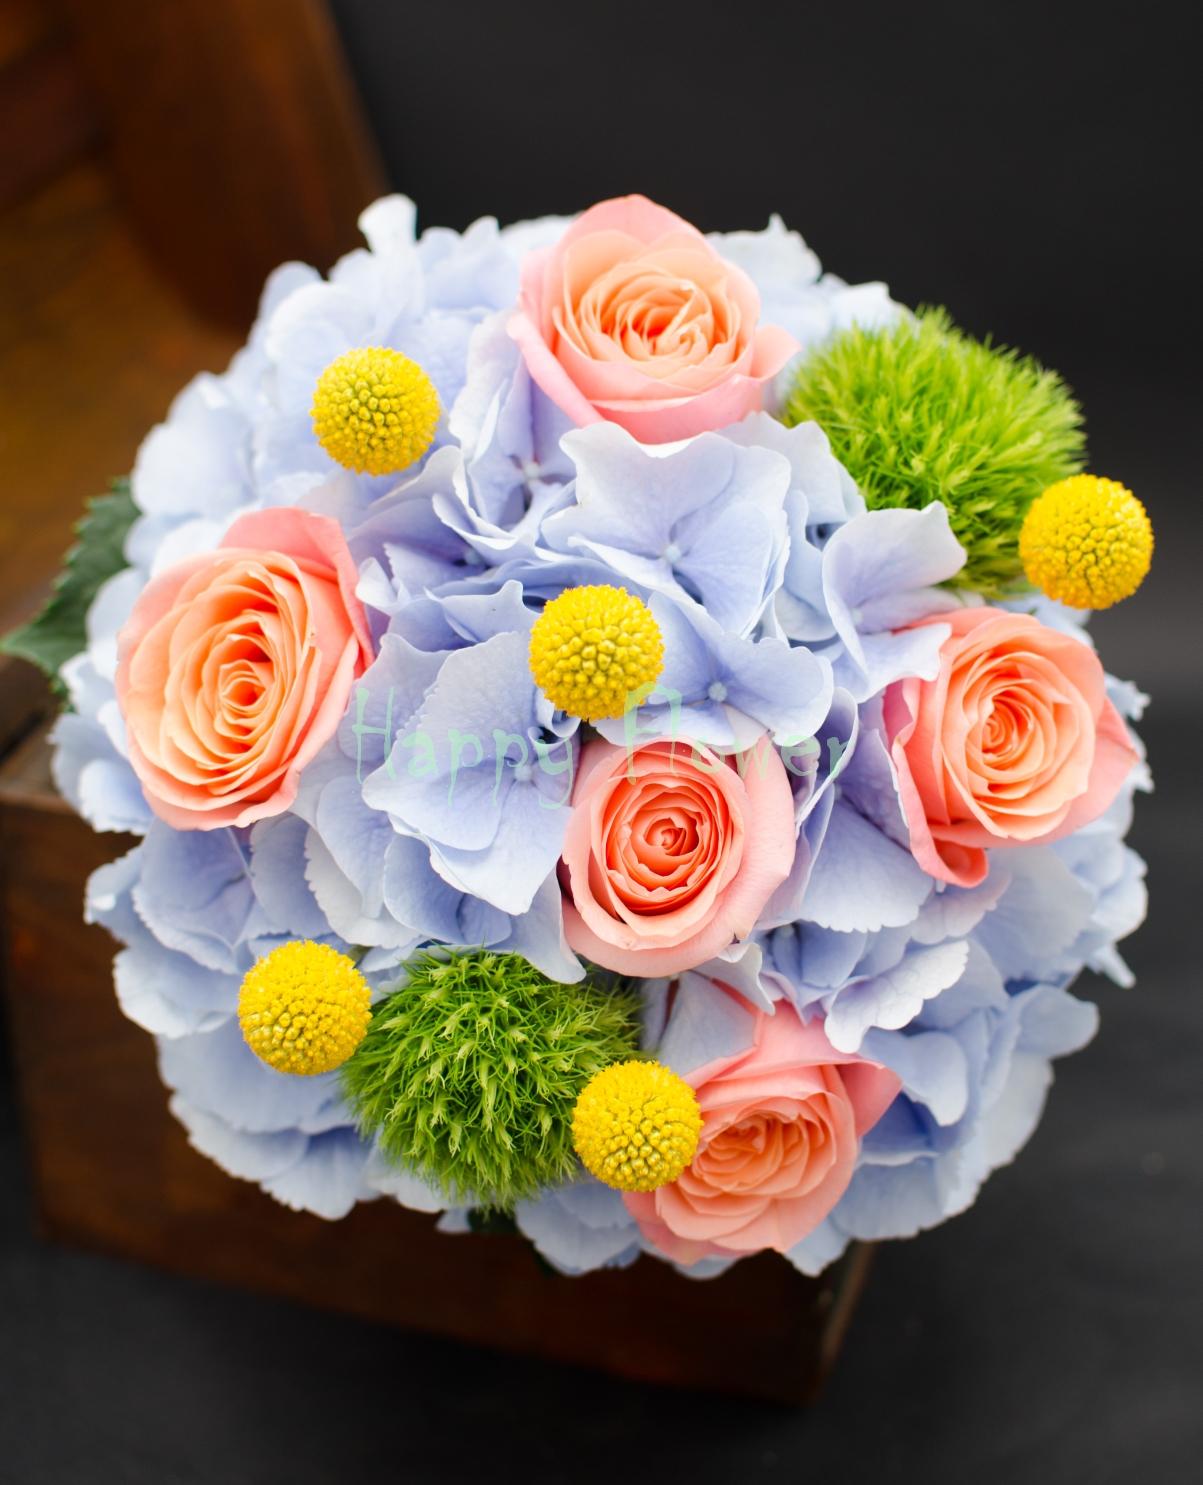 Buchet Mireasa Hortensii Bleu Trandafiri Somon Craspedii Garoafe